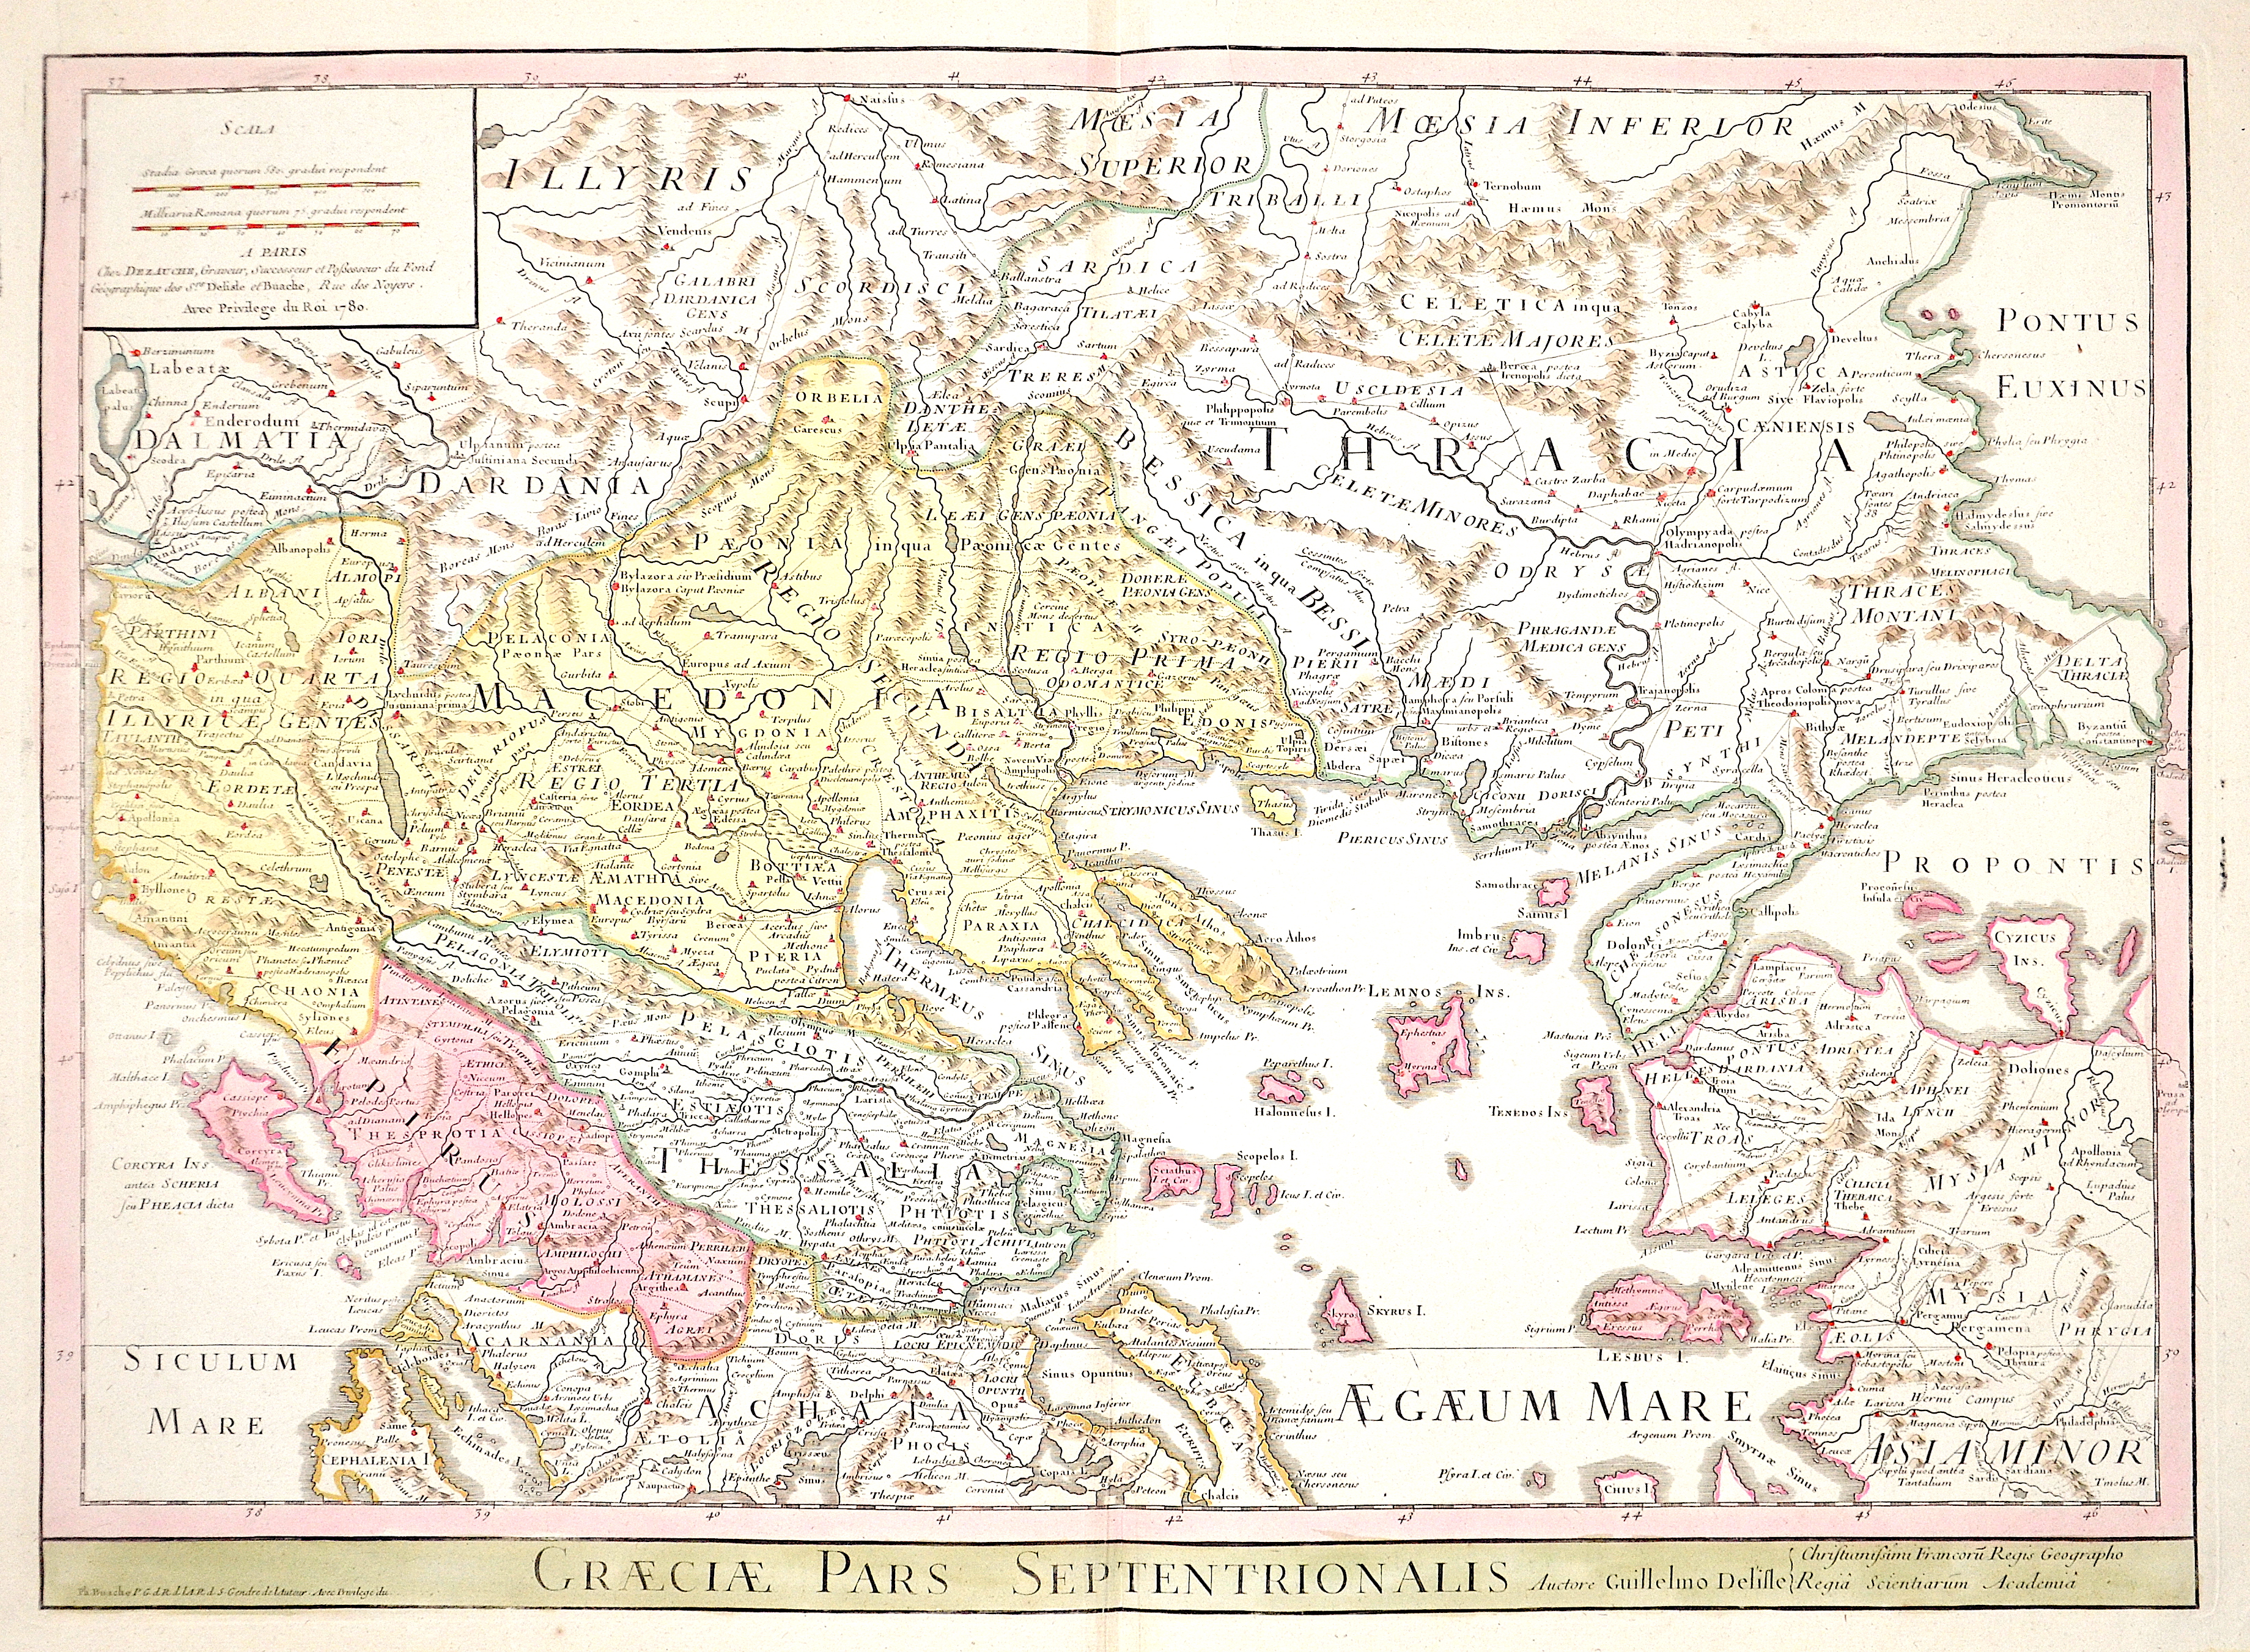 Dezauche/de l´Isle,  Greaciae pars Septentrionalis